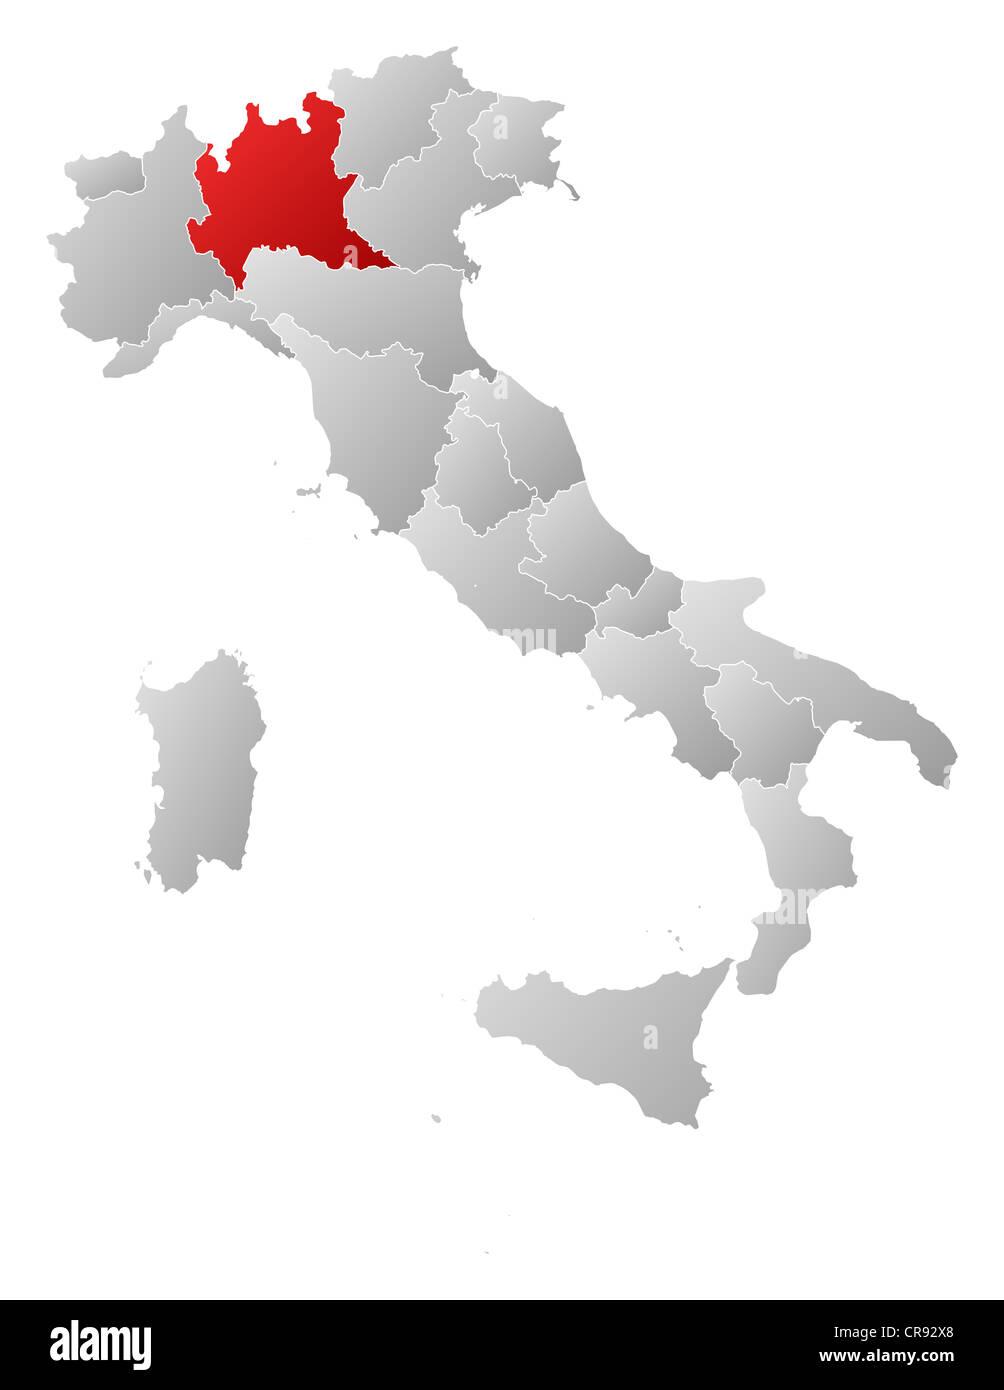 Regione Lombardia Cartina Politica.Mappa Politica Dell Italia Con Le Diverse Regioni Dove La Lombardia E Evidenziata Foto Stock Alamy